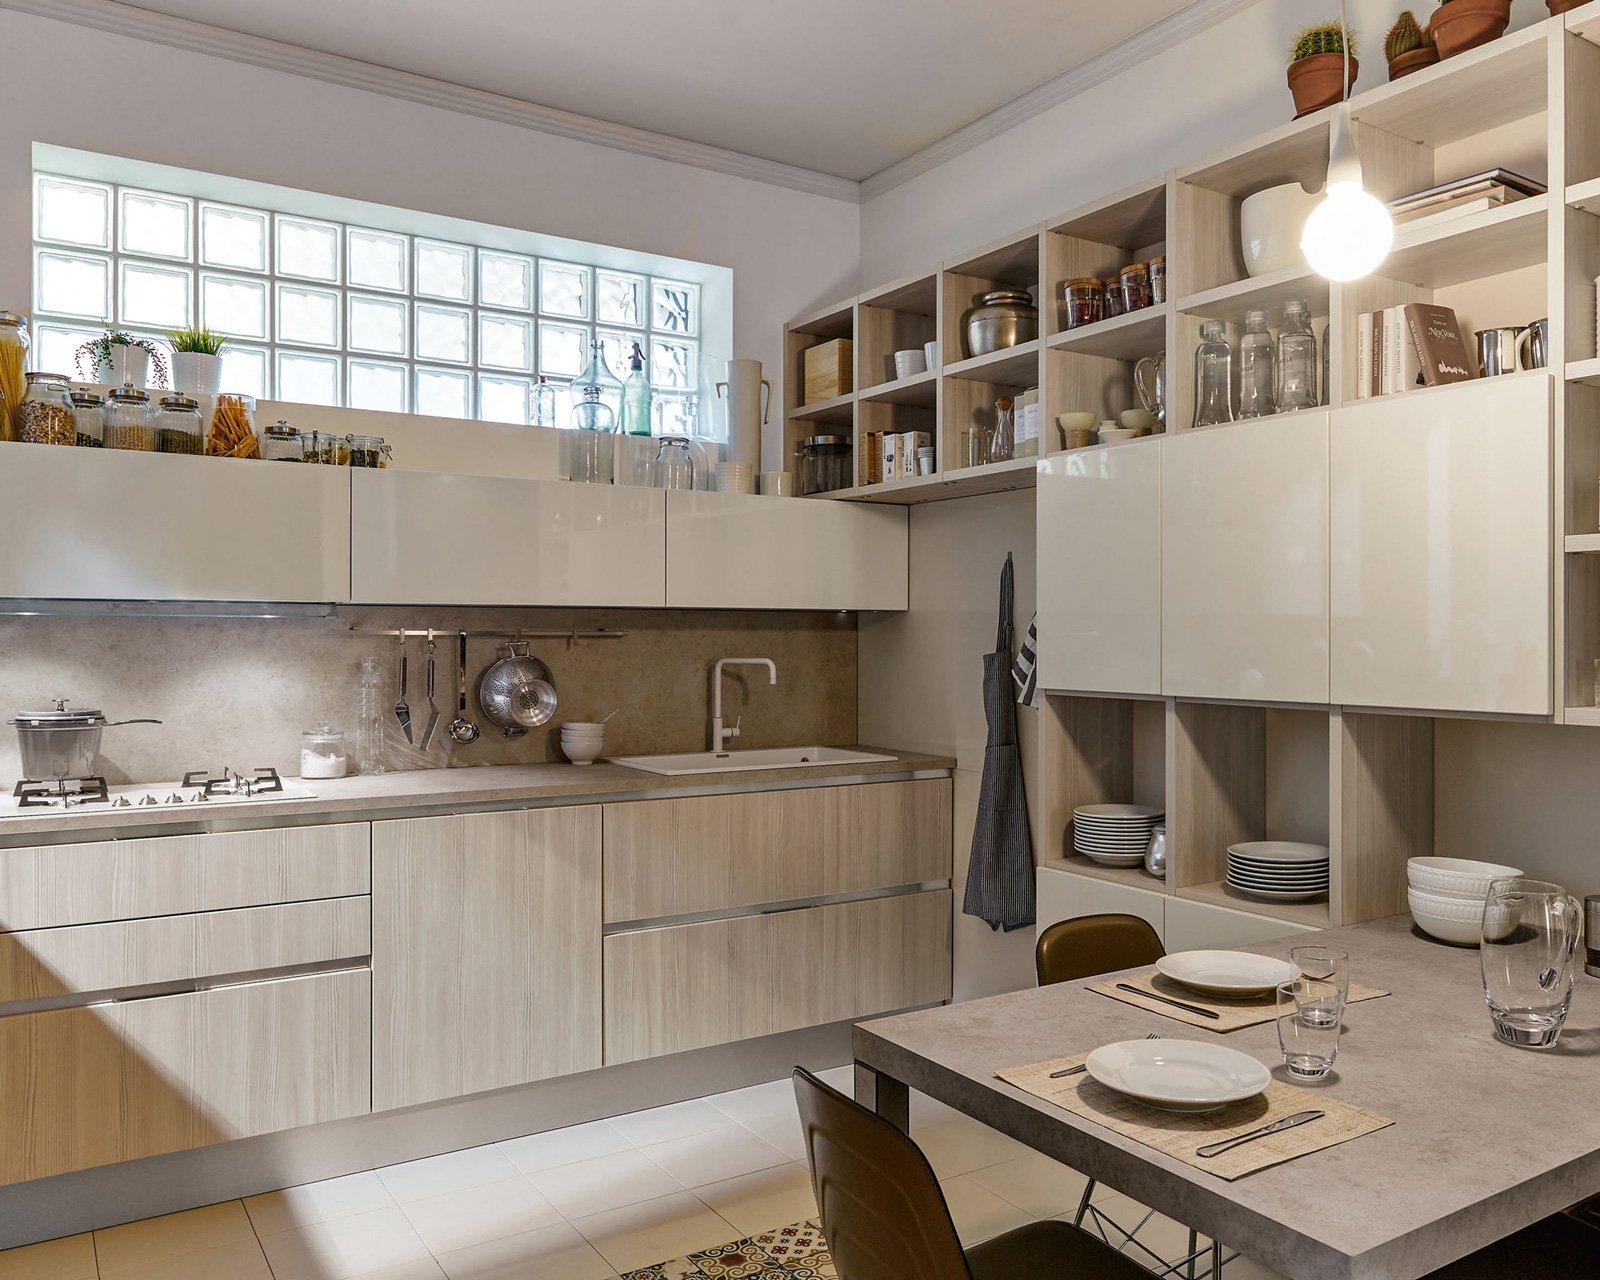 Cucine in colori ed essenze soft cose di casa - Costo cucina veneta cucine ...